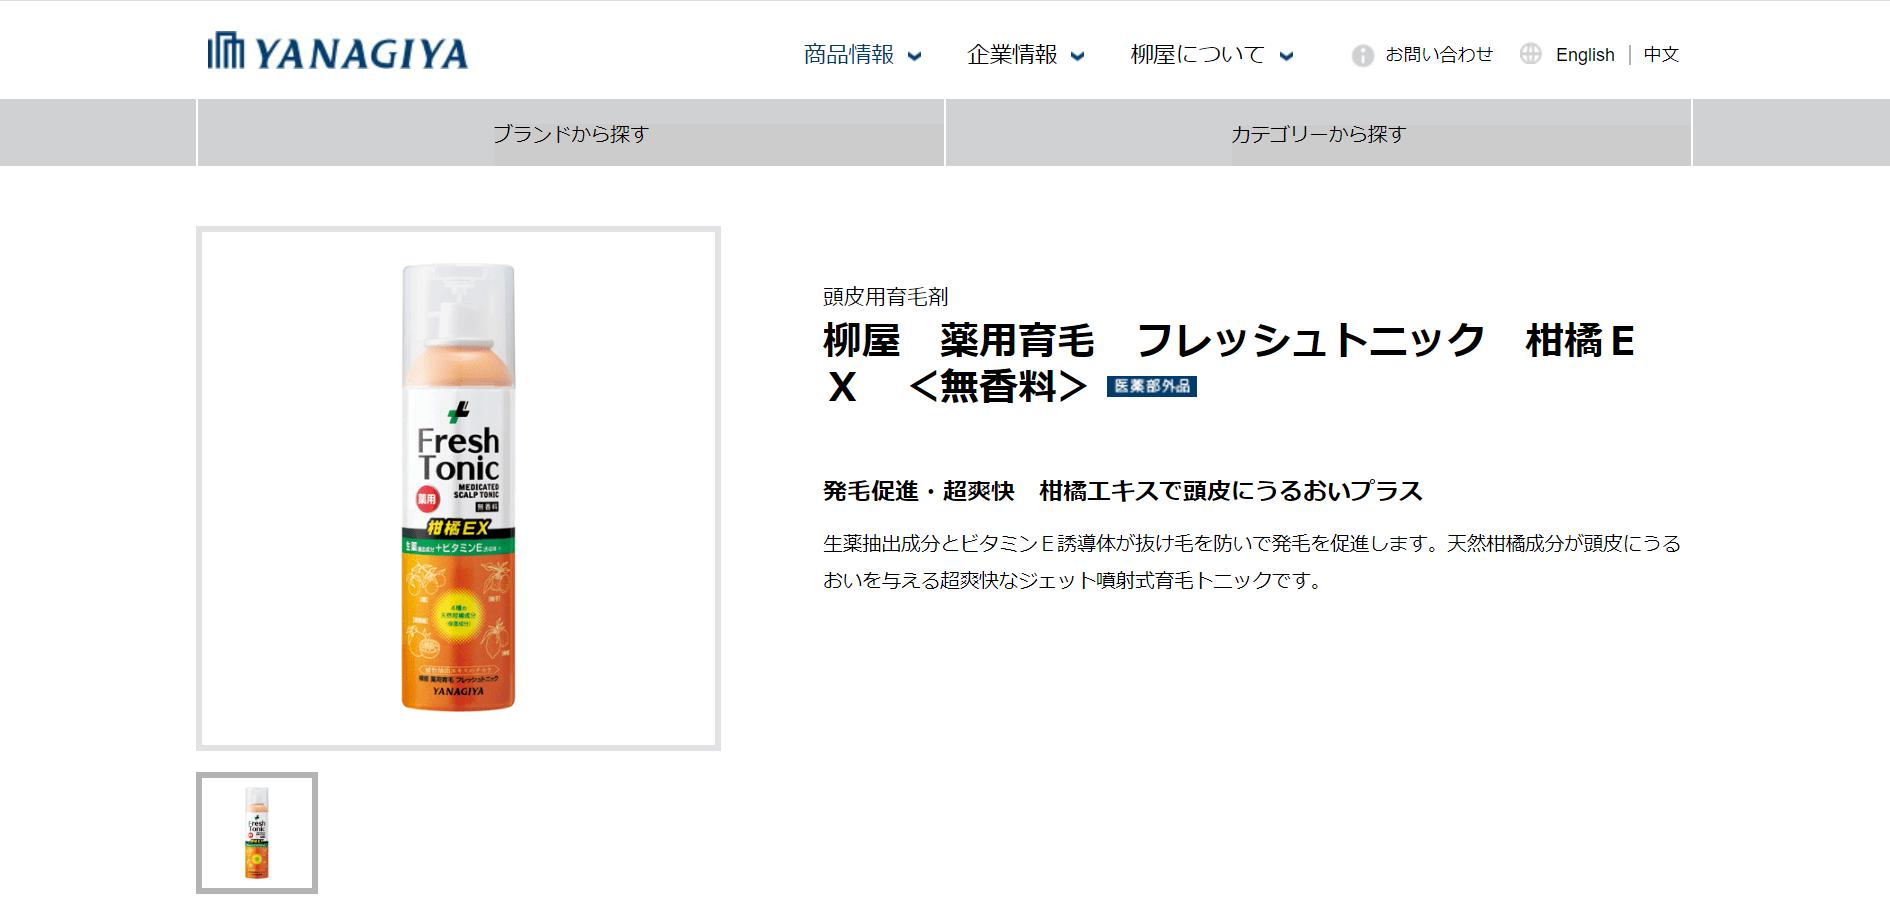 フレッシュトニック 柑橘EX